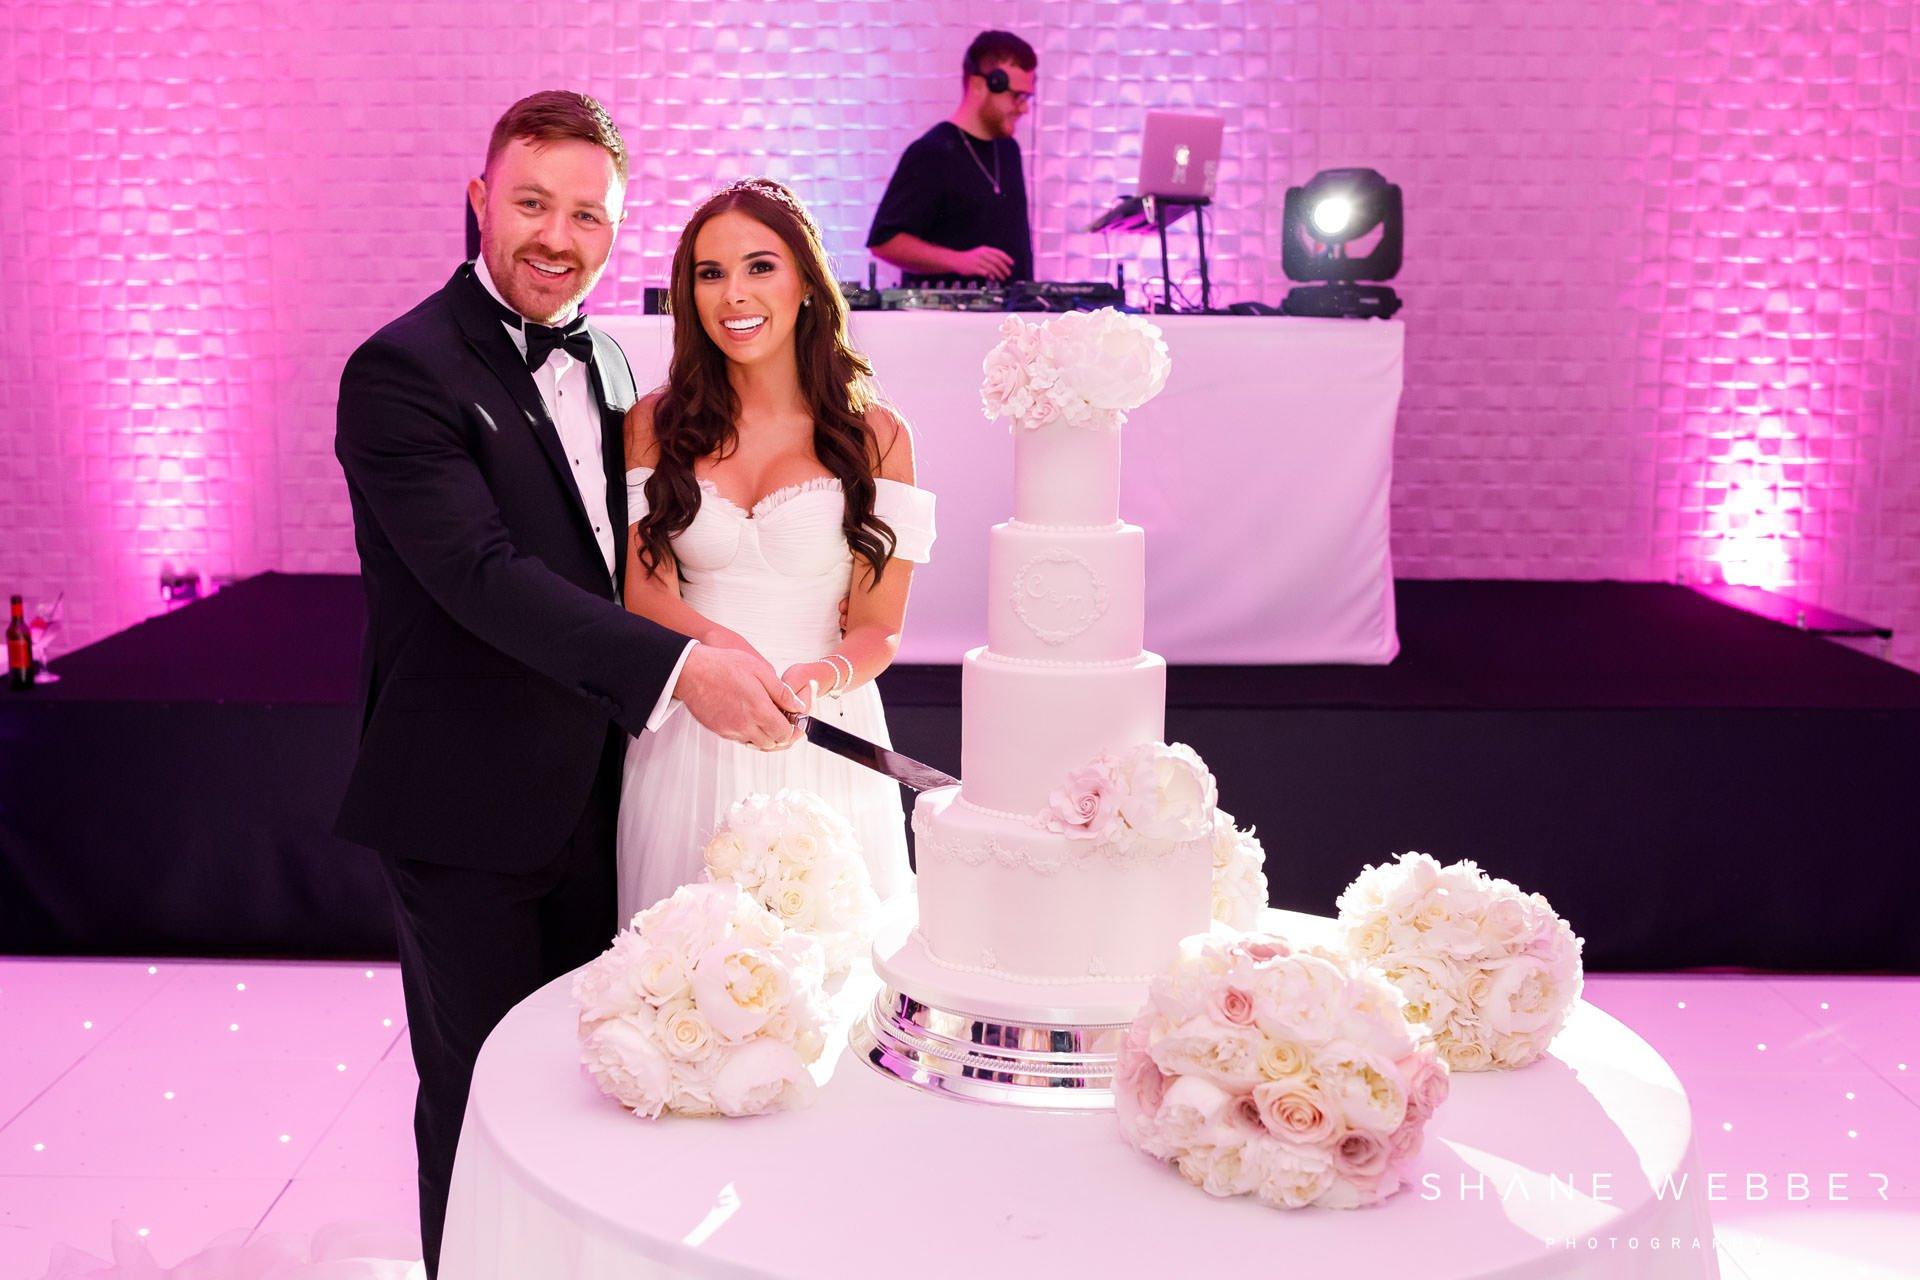 White four tier wedding cake